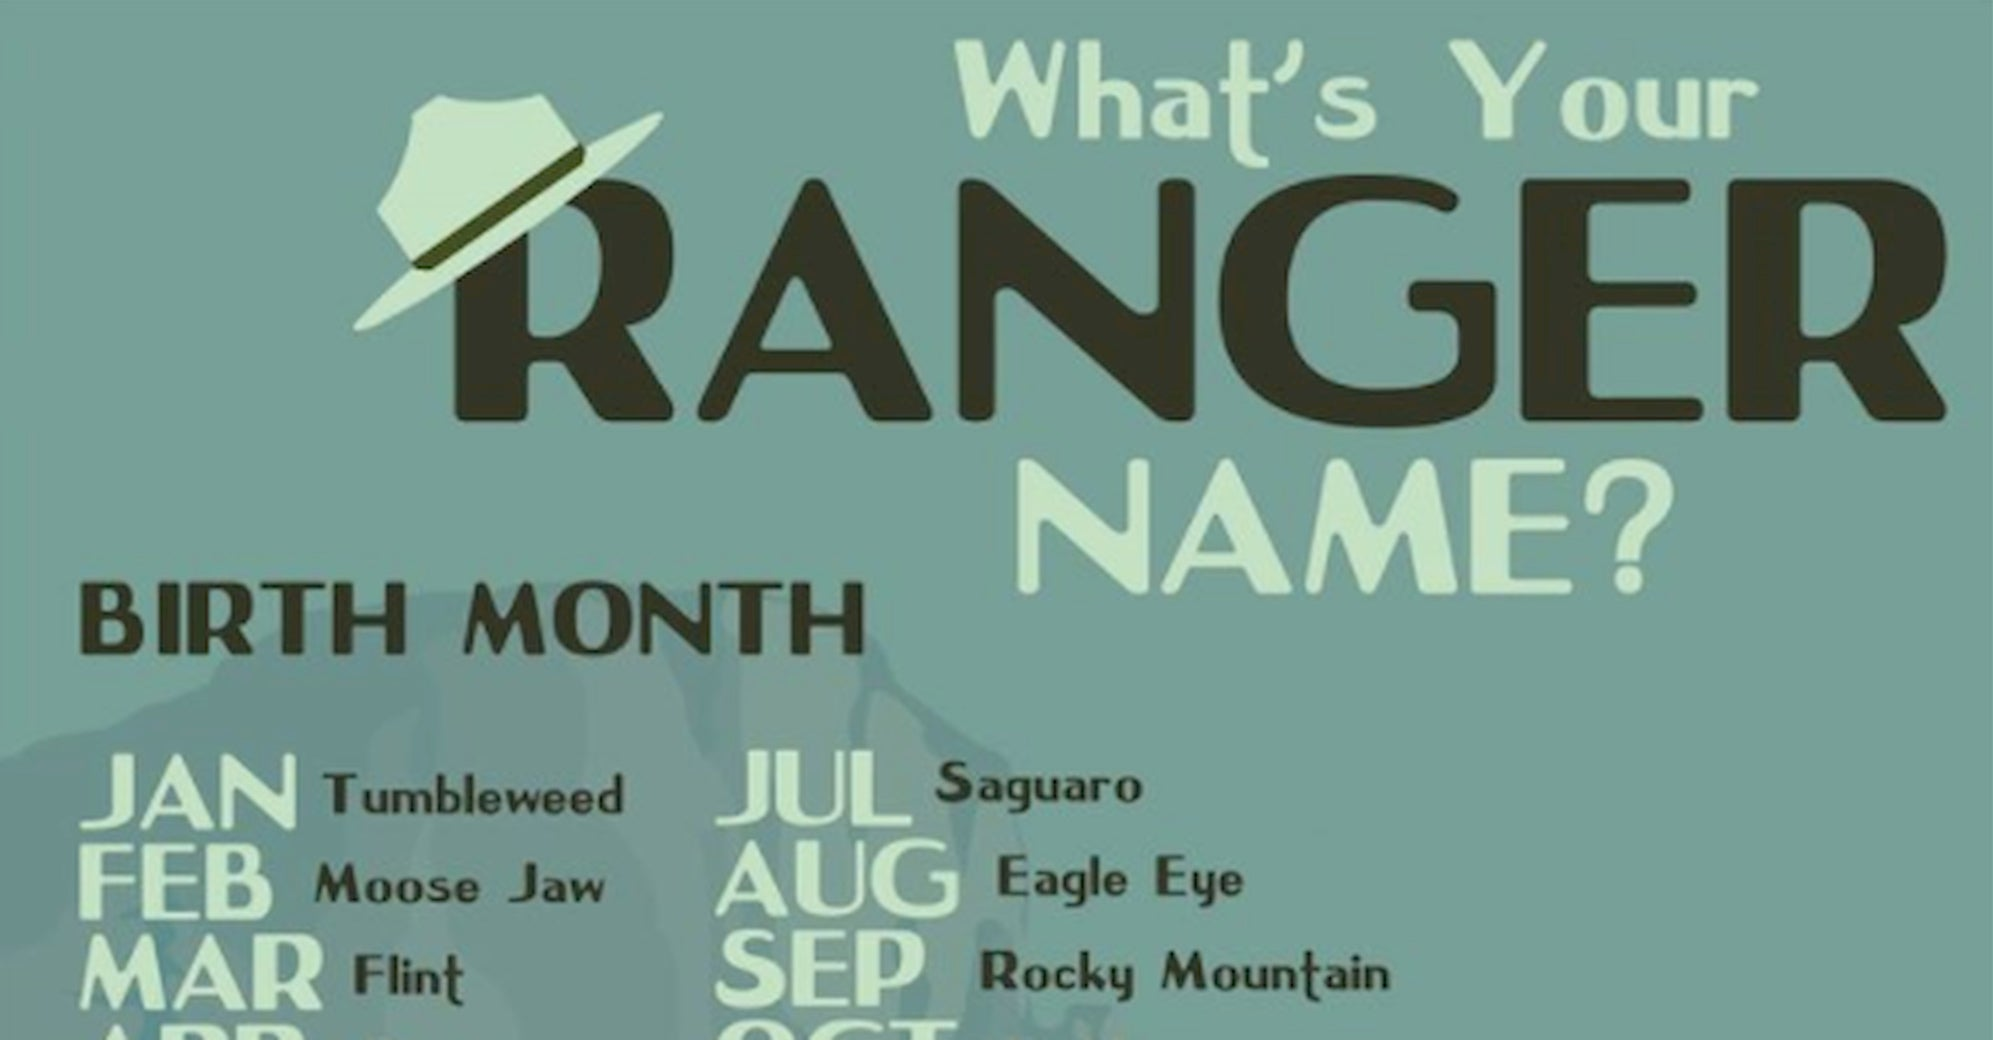 Park ranger game chart.